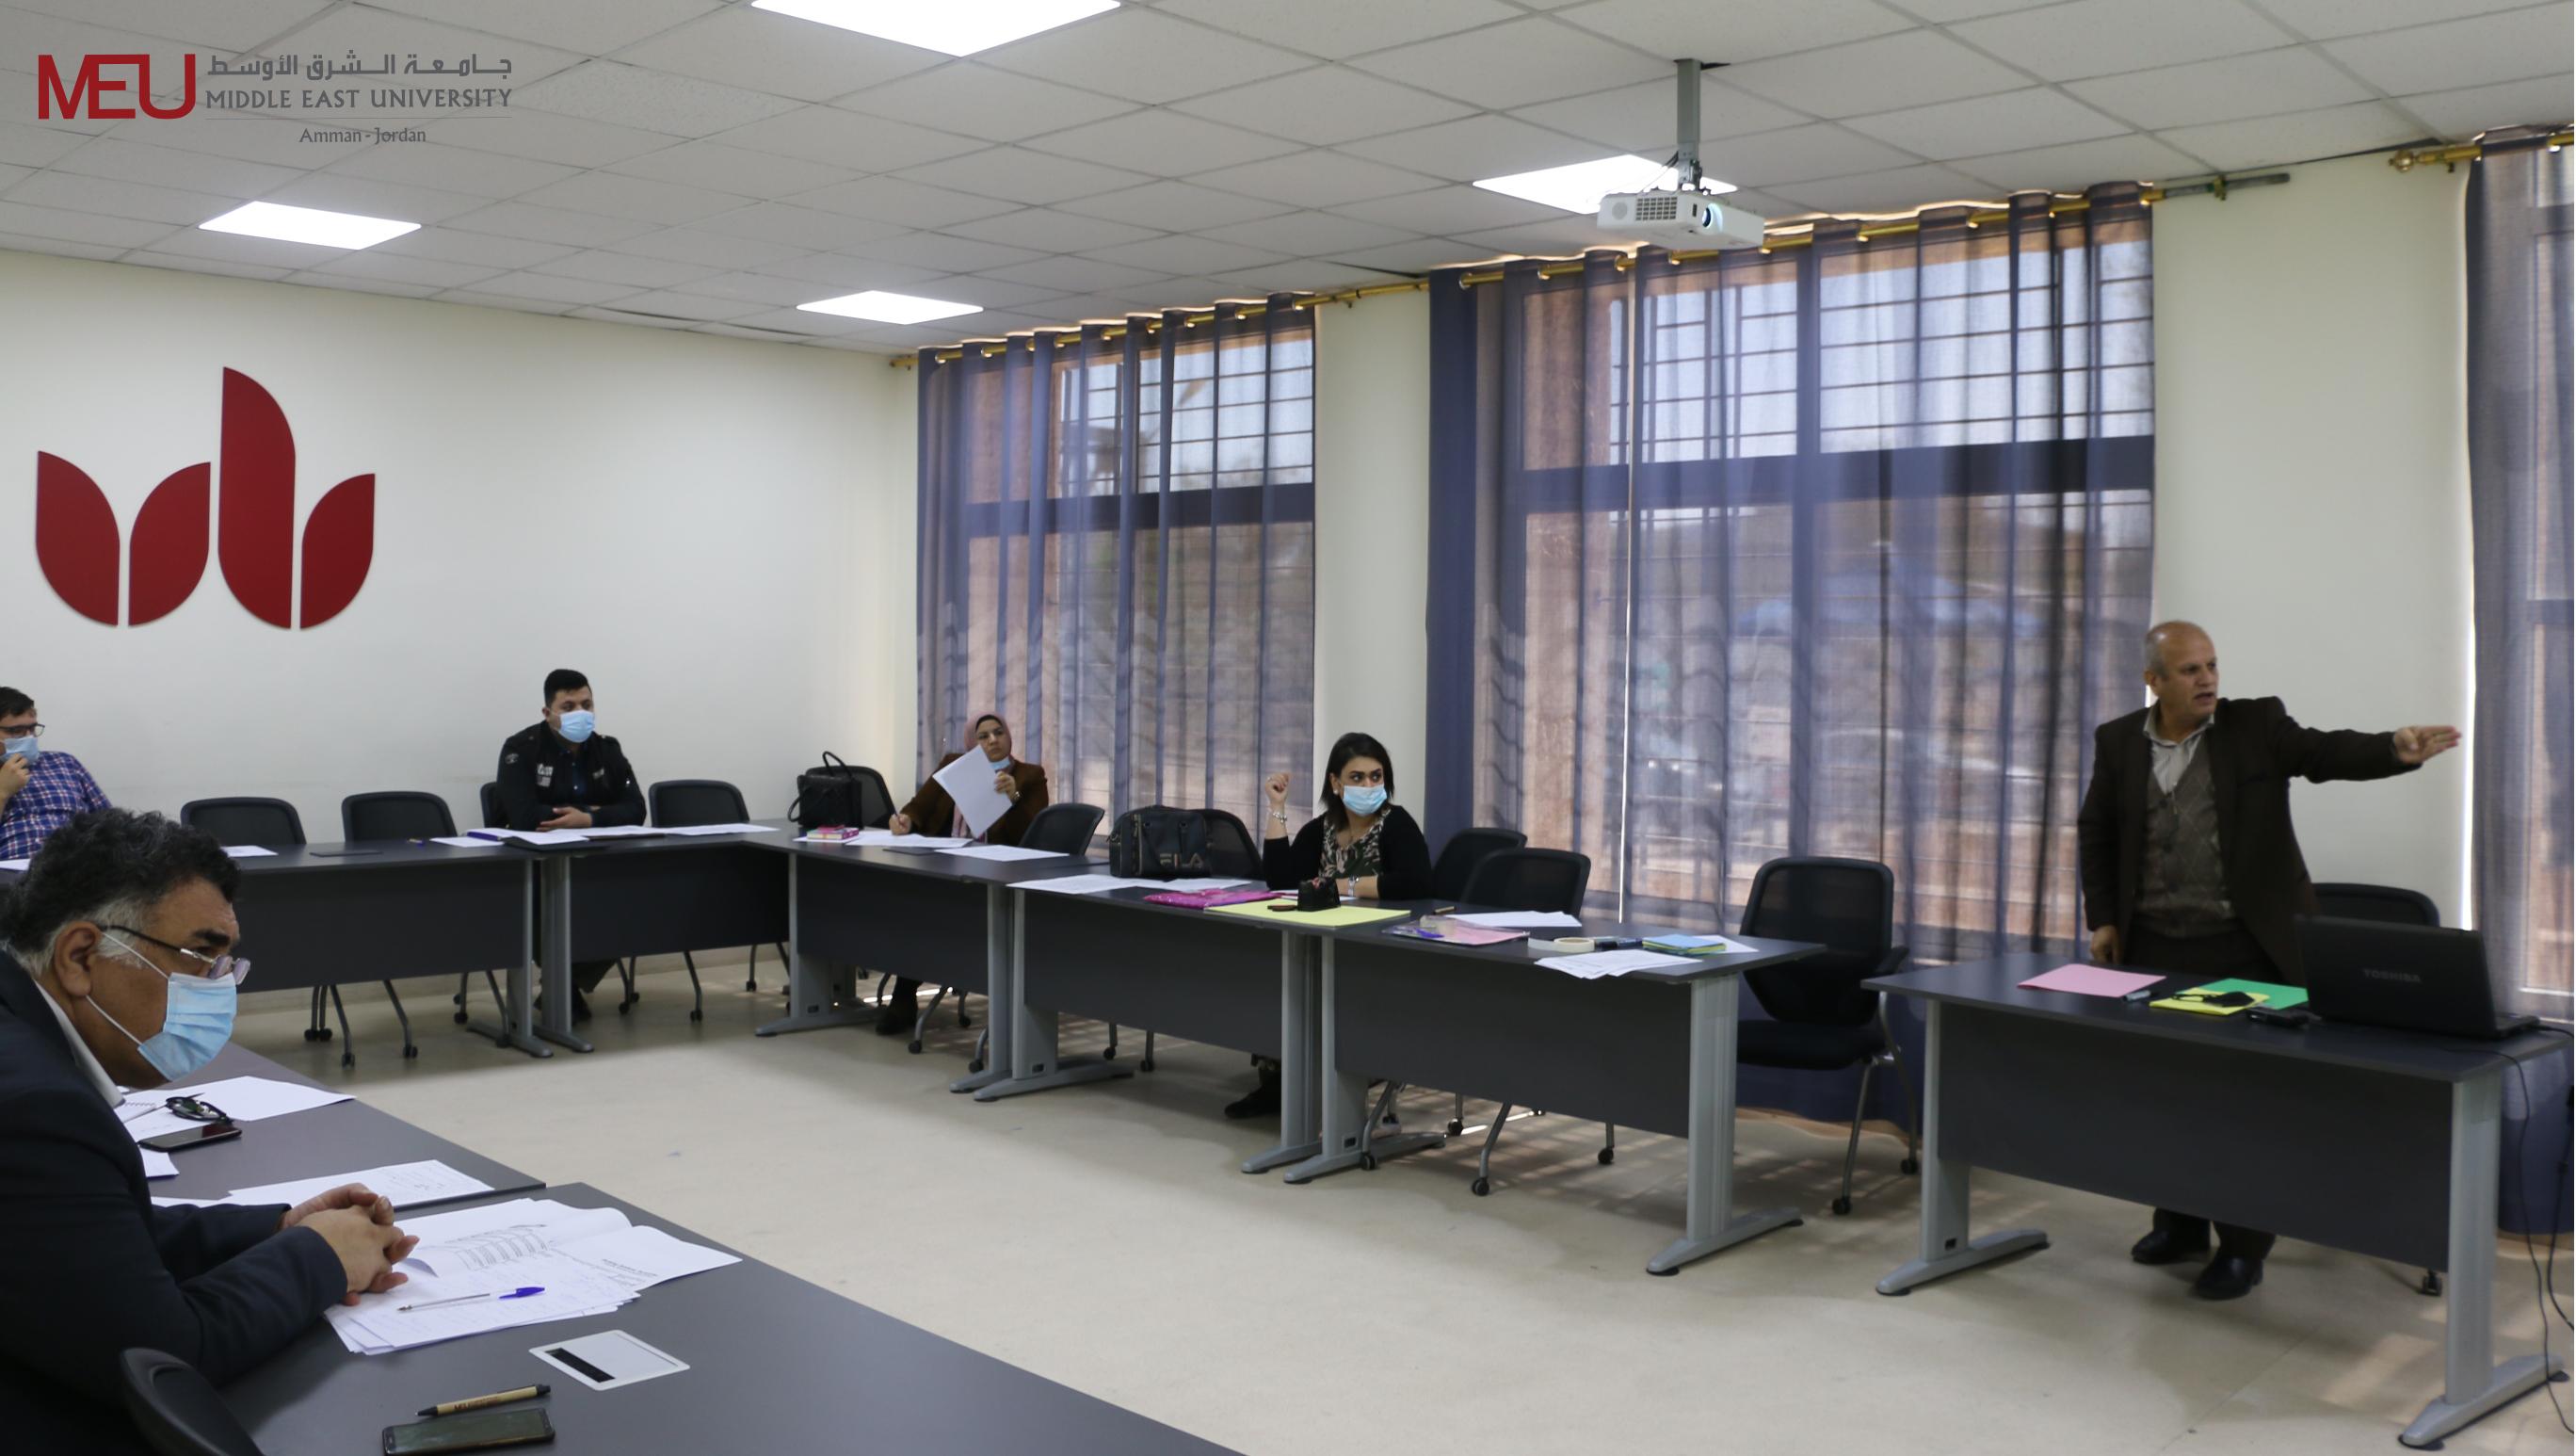 """جامعة الشرق الأوسط MEU تعقد ورشة عمل متخصصة حول تطوير المناهج التعليمية المهنية بتقنية  """"DACUM"""" ضمن الرؤية المستقبلية لمئوية الدولة الأردنية"""